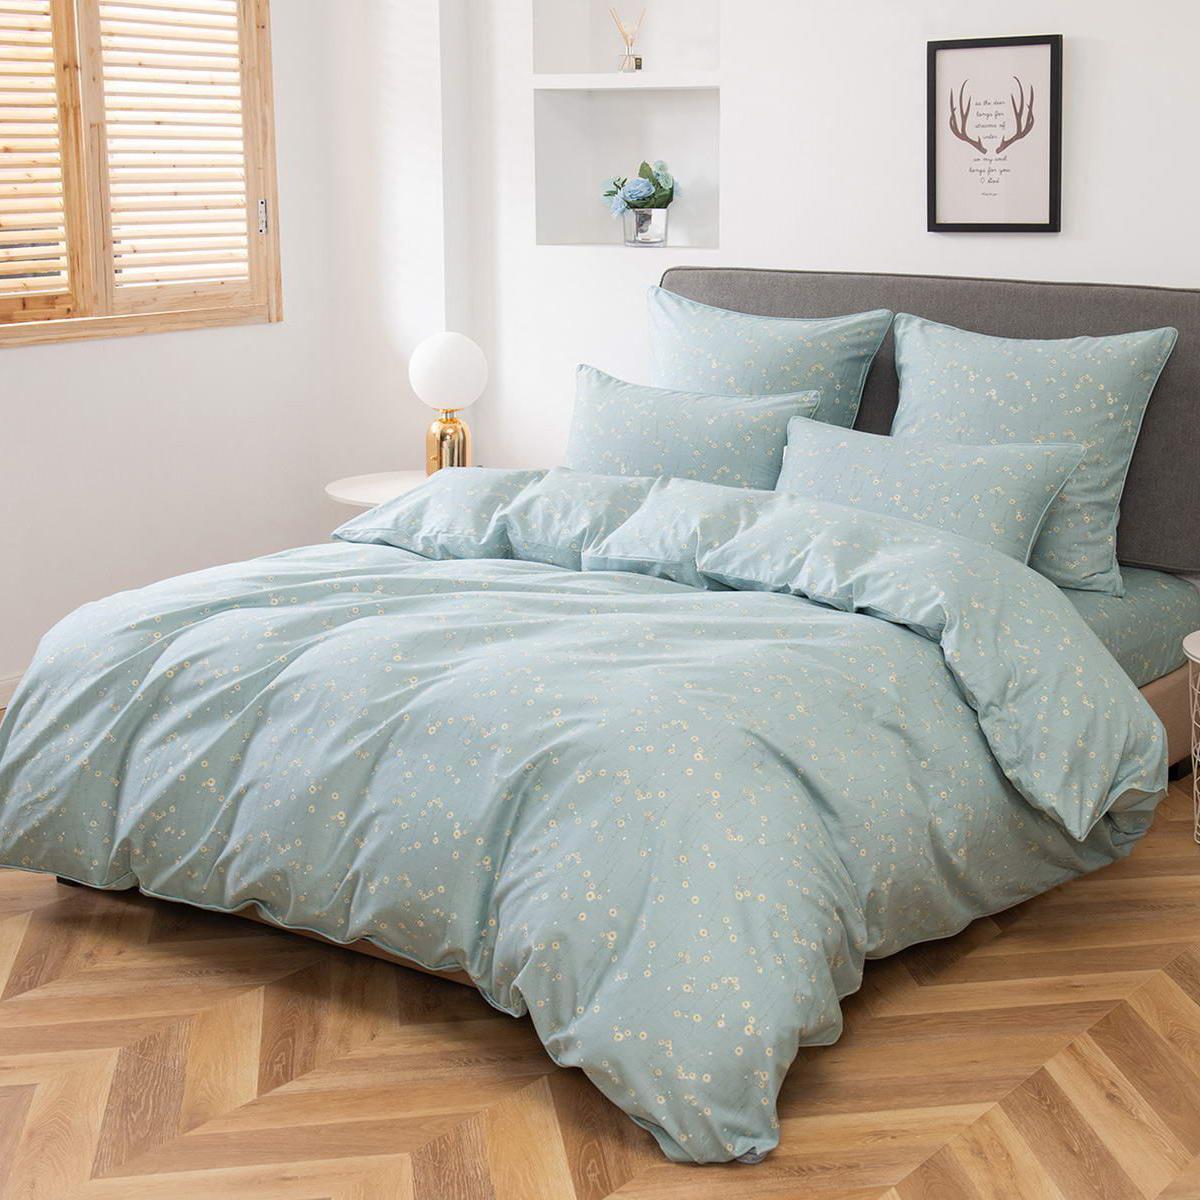 Комплект постельного белья Sofi De Marko Розита Двуспальный евро (ЕВРО-5413) недорого